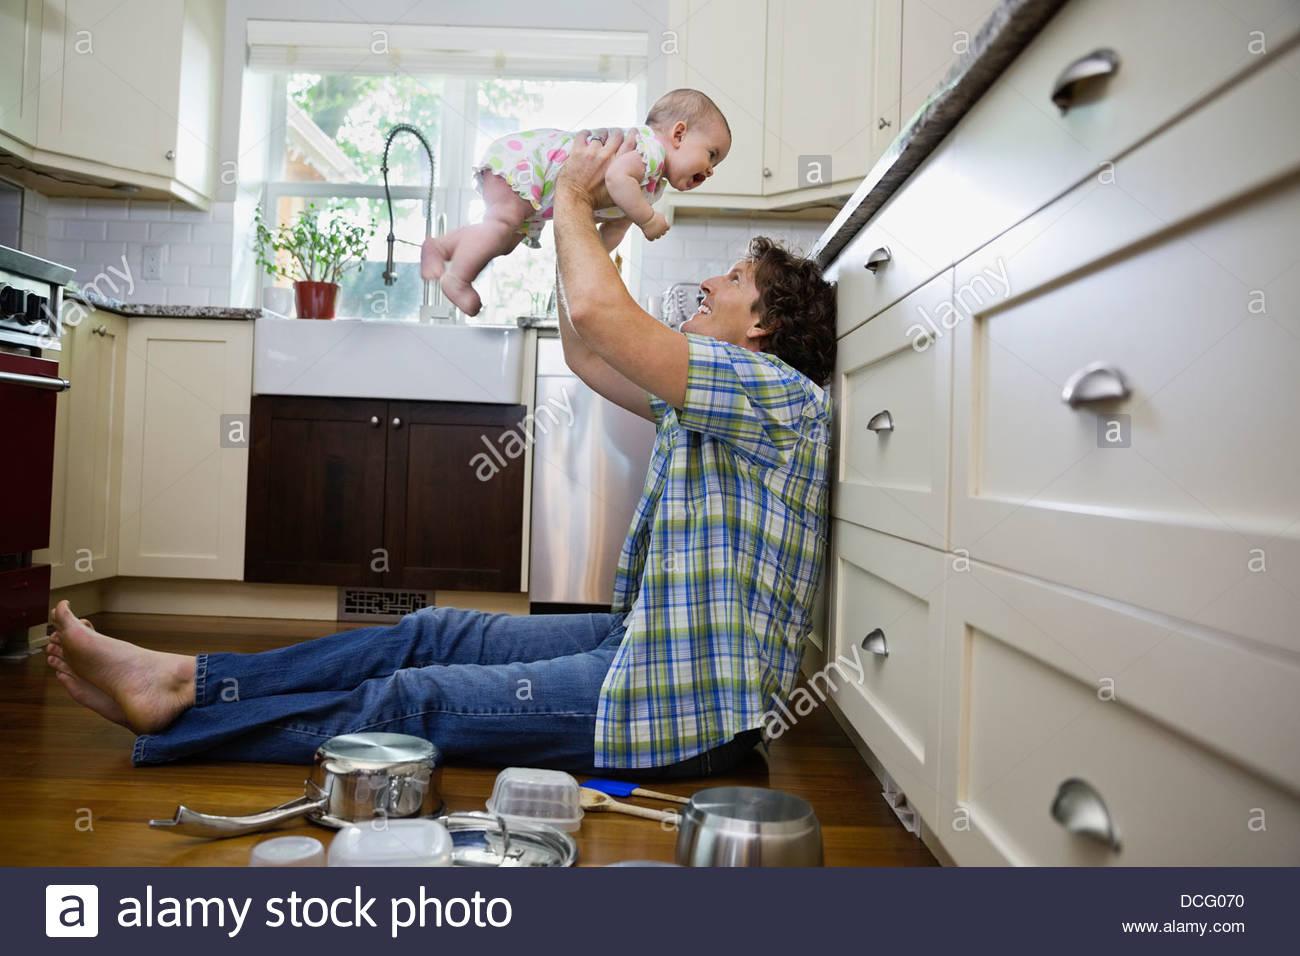 Profil-Schuss des Vaters spielen mit Babymädchen in Küche Stockbild